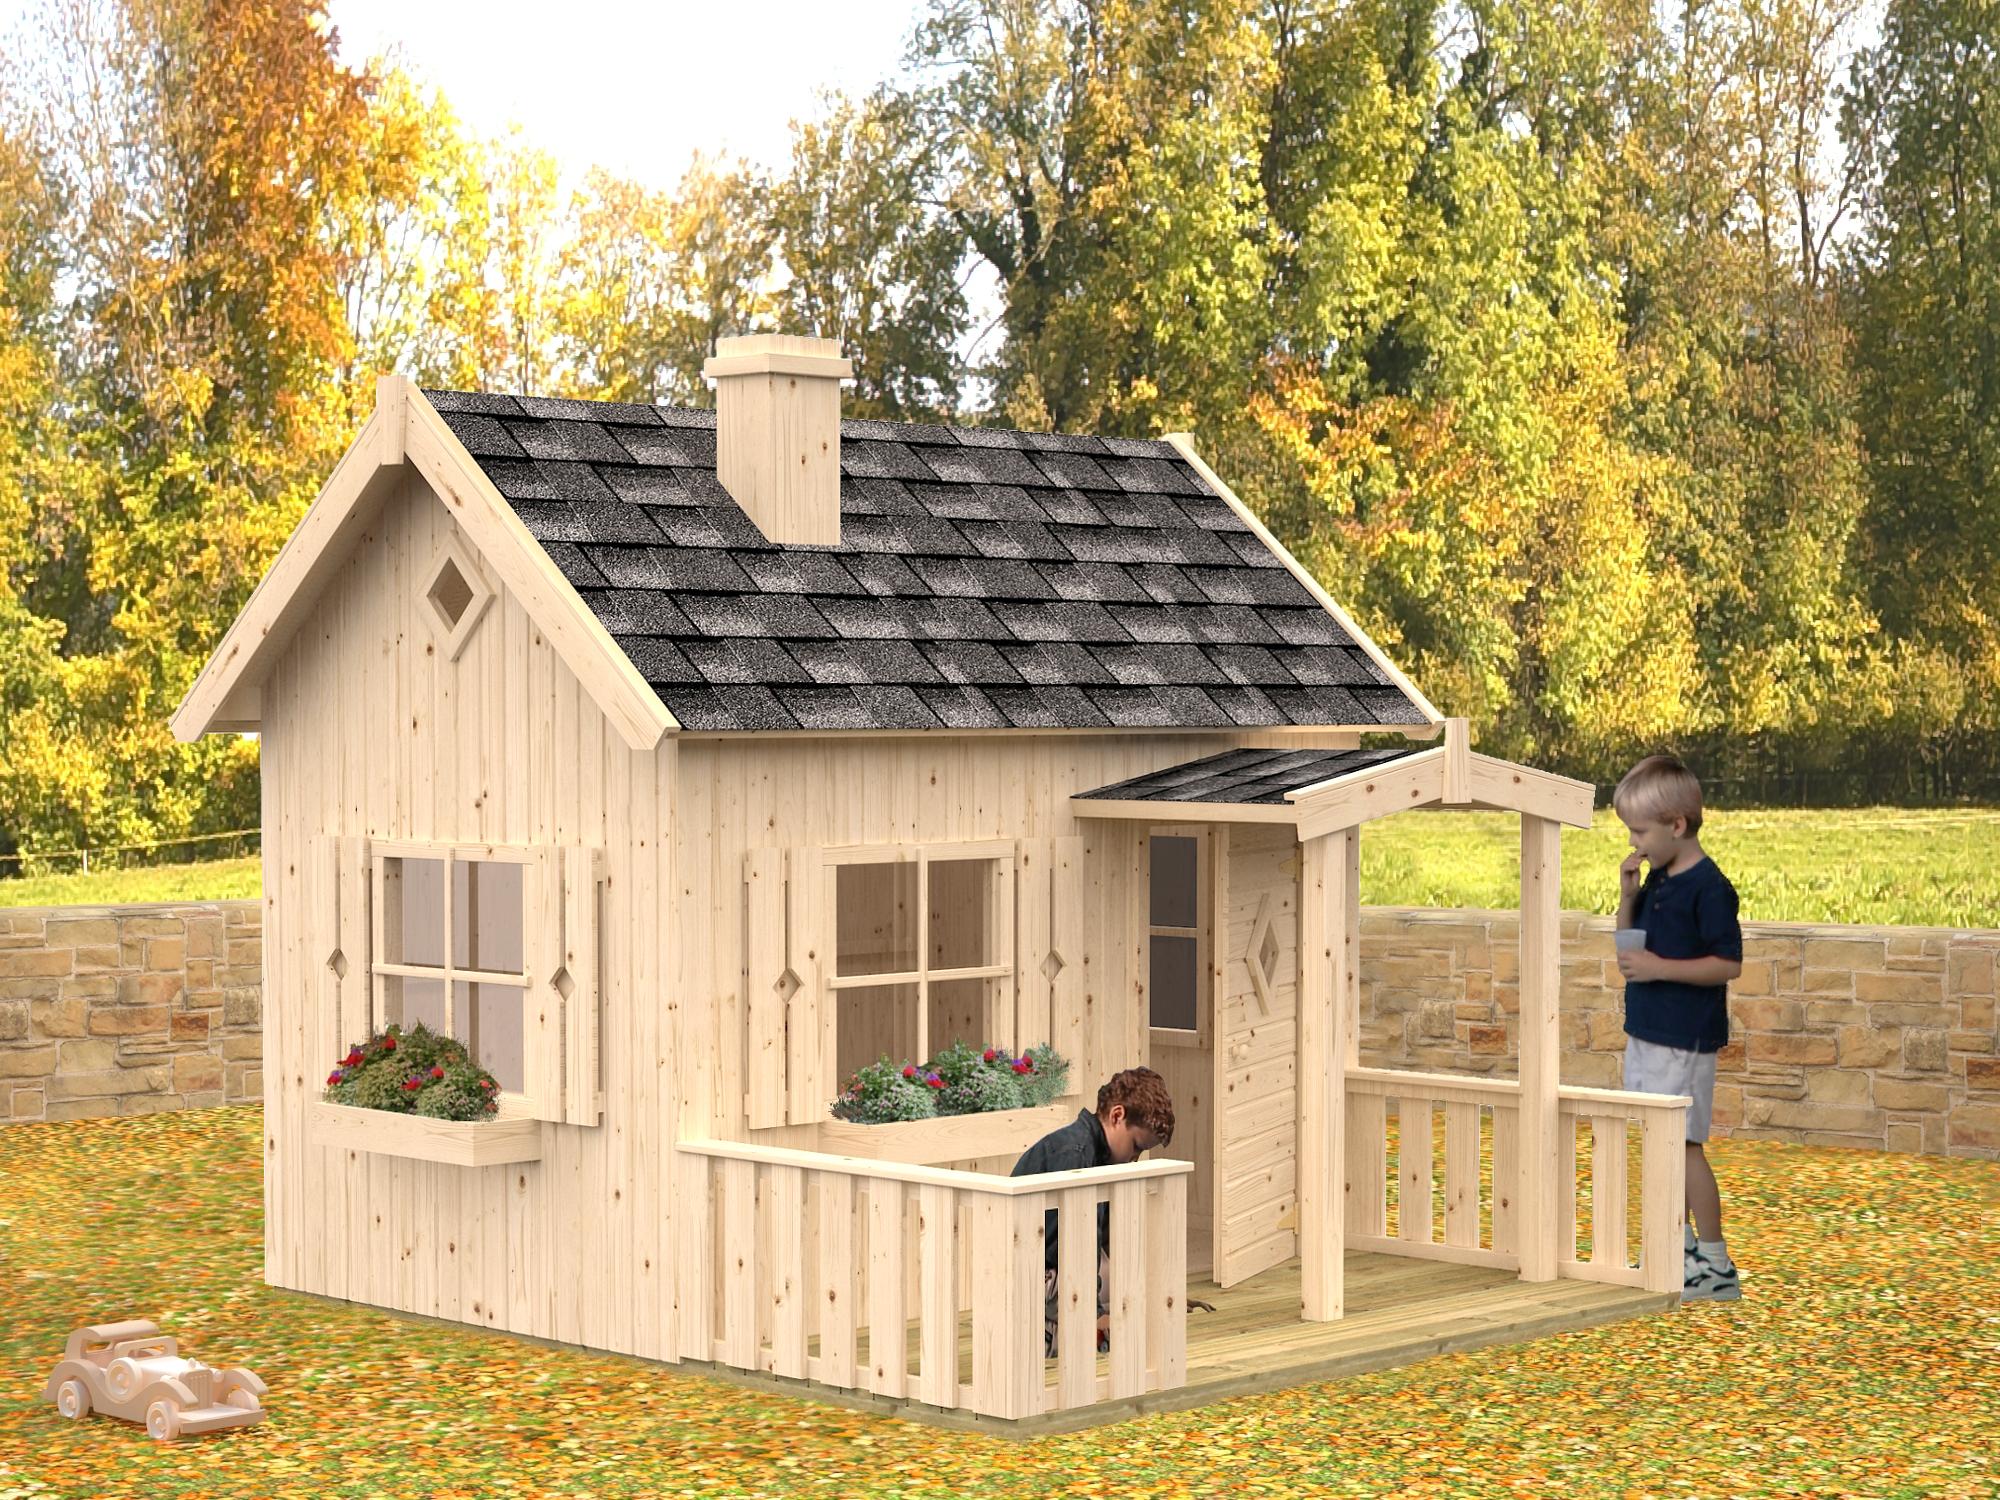 spielhaus otto aus holz gr e 2 33 x 2 58 m mit terrasse. Black Bedroom Furniture Sets. Home Design Ideas